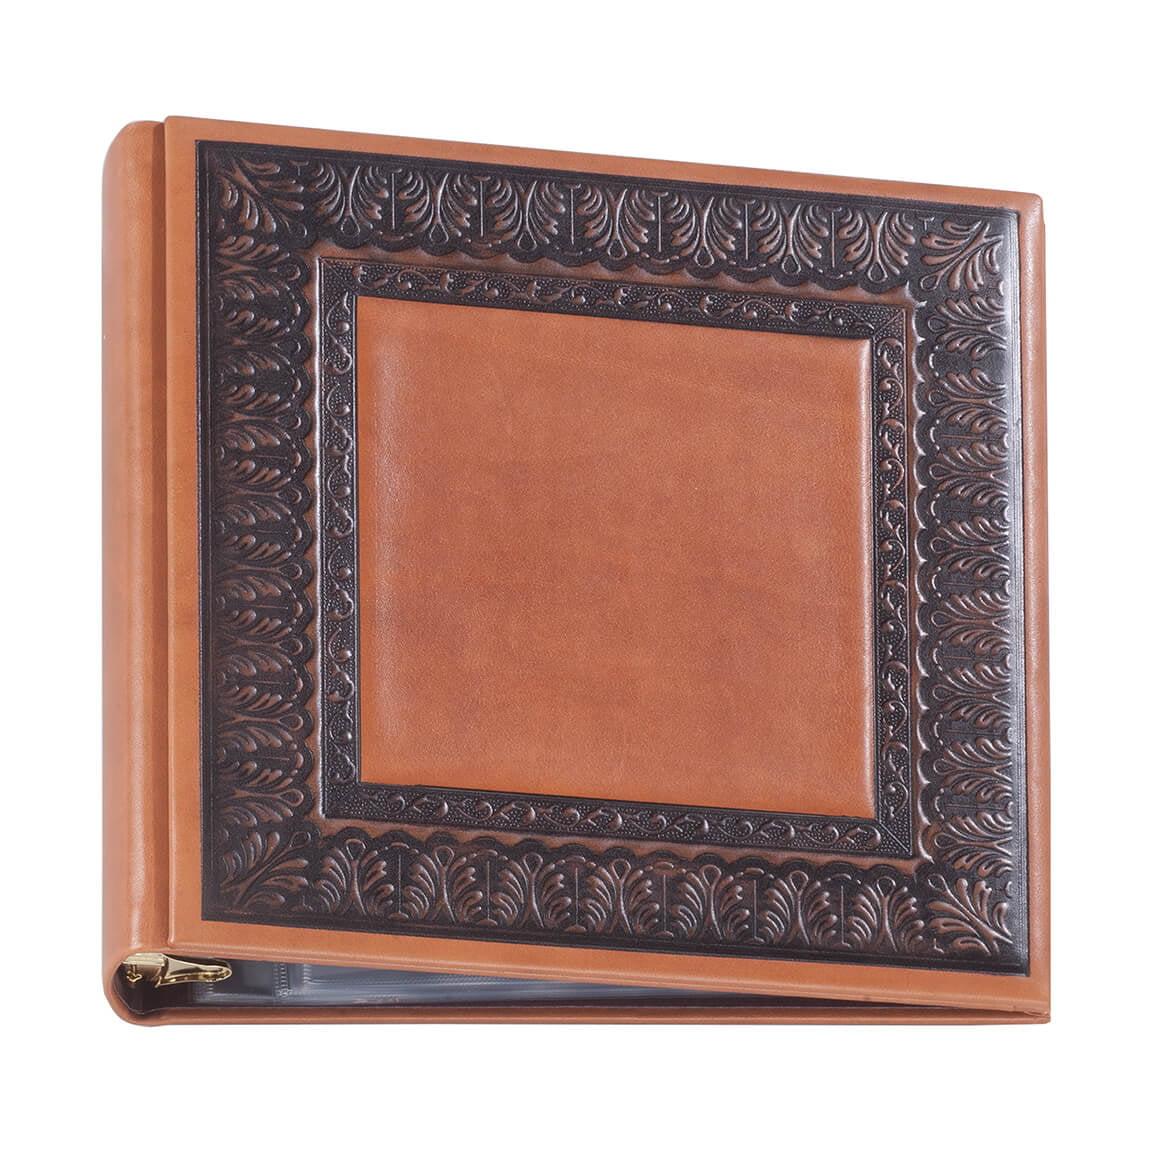 Bellini Leather Album